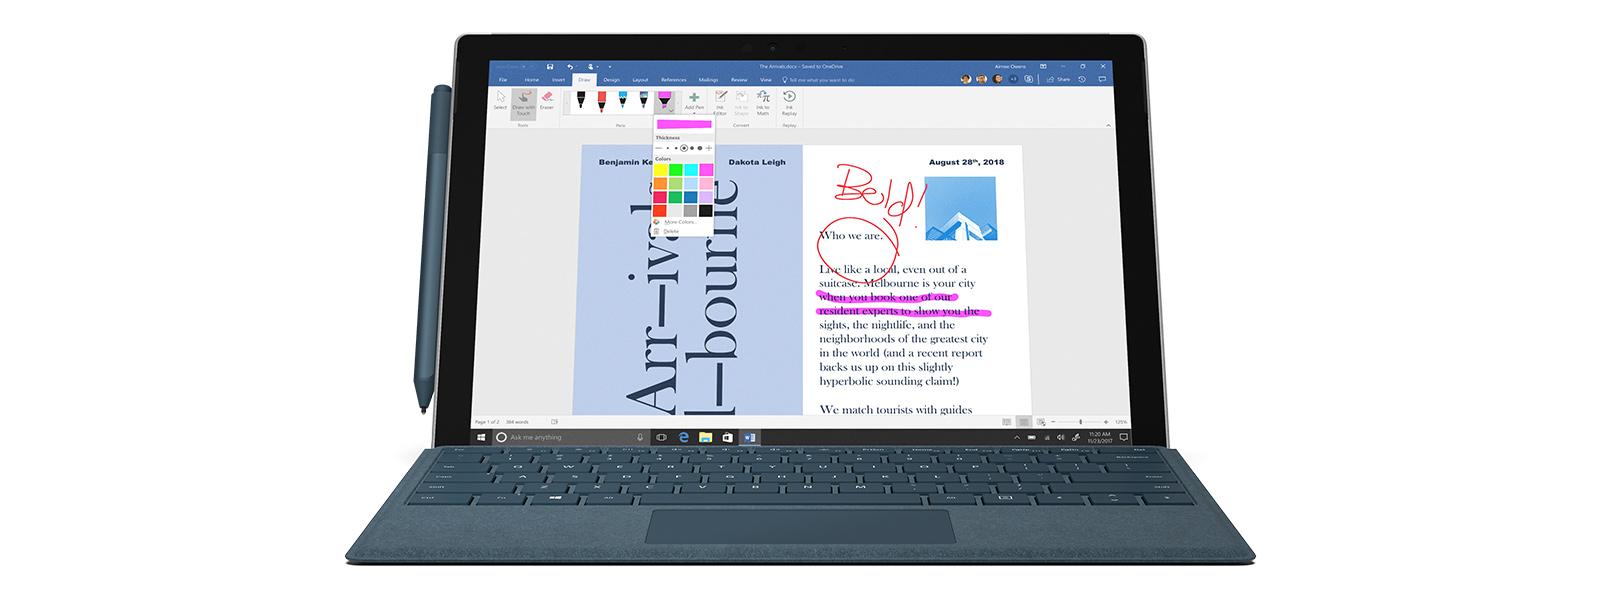 Συσκευή Surface Pro που δείχνει γραφή σε μια οθόνη Ζωγραφικής 3D